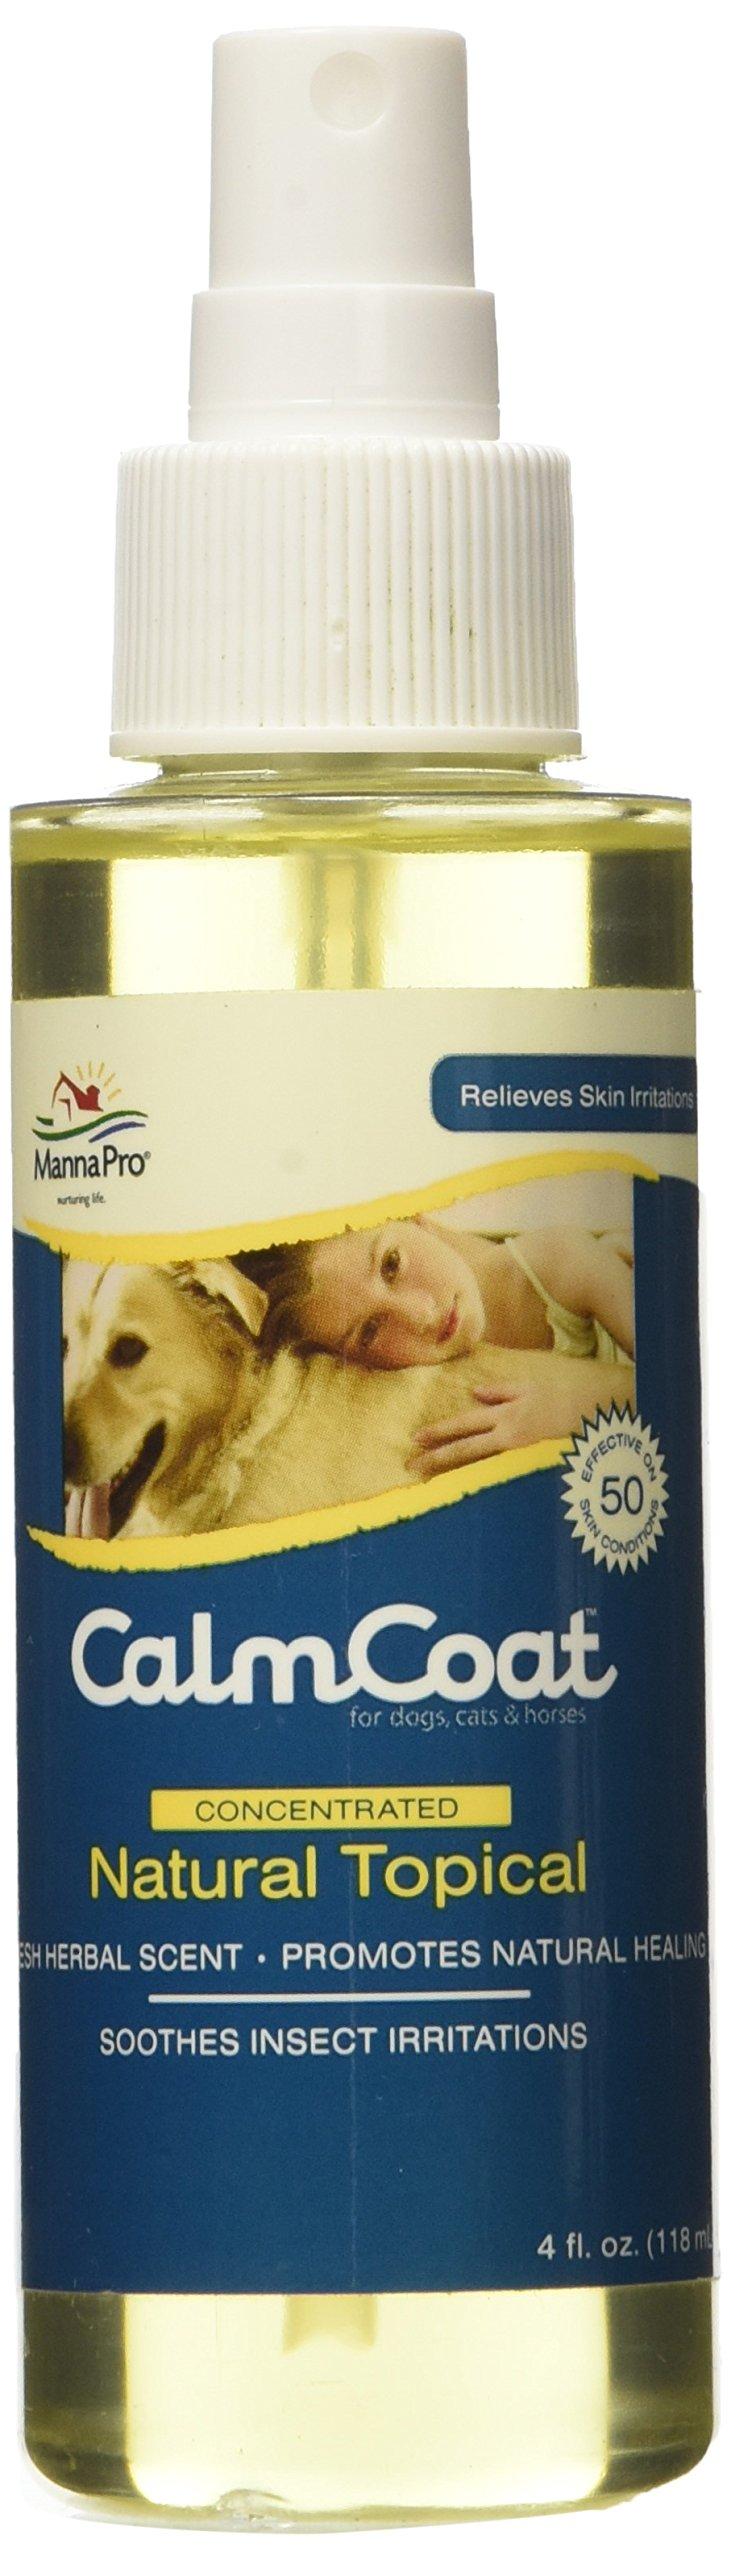 Manna Pro Calm Coat Topical Spray, 4 oz